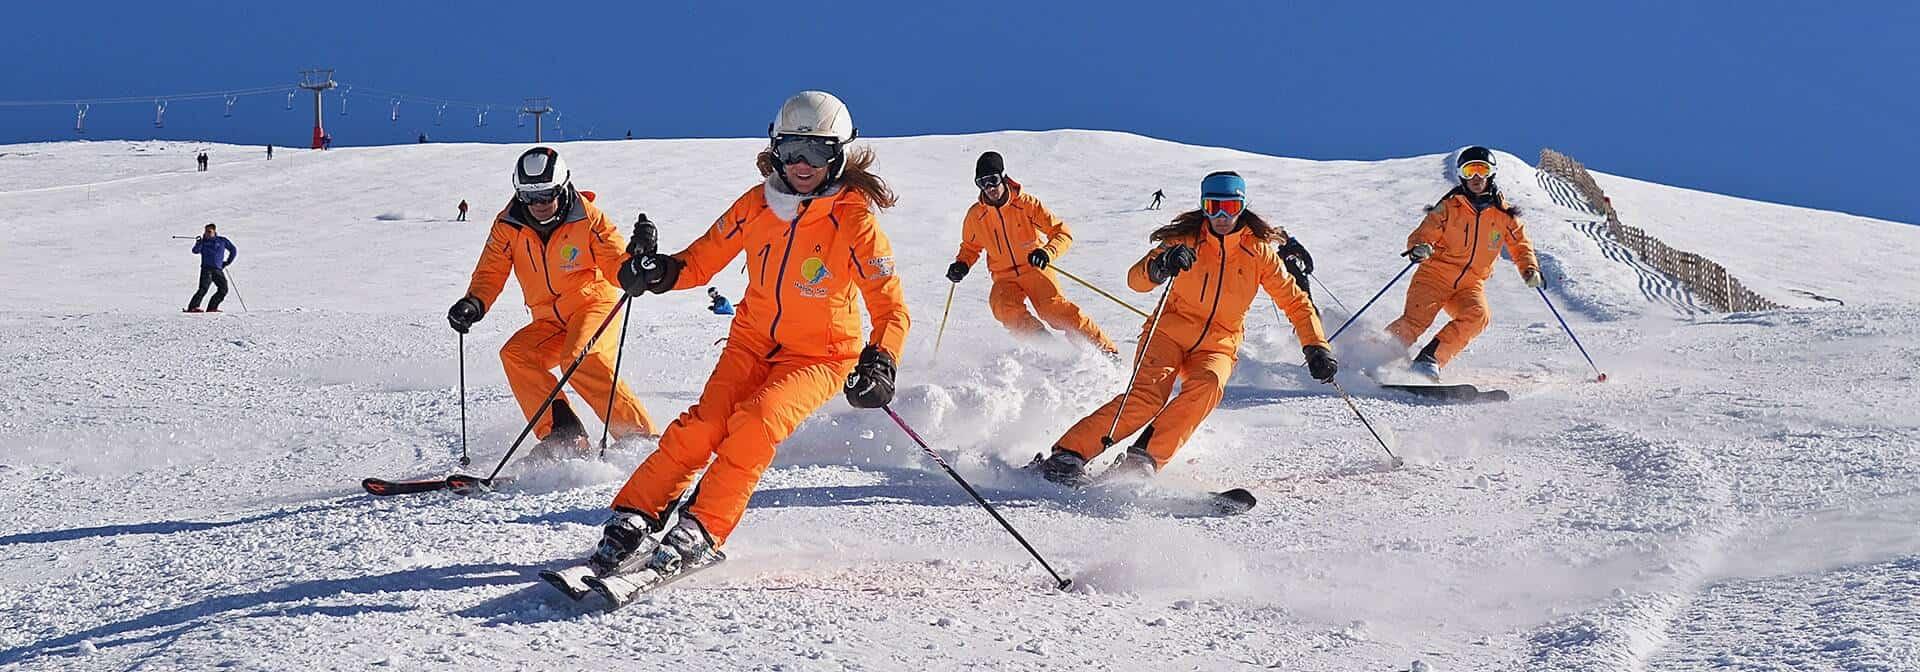 Clases de ski en Sierra Nevada Happy Ski